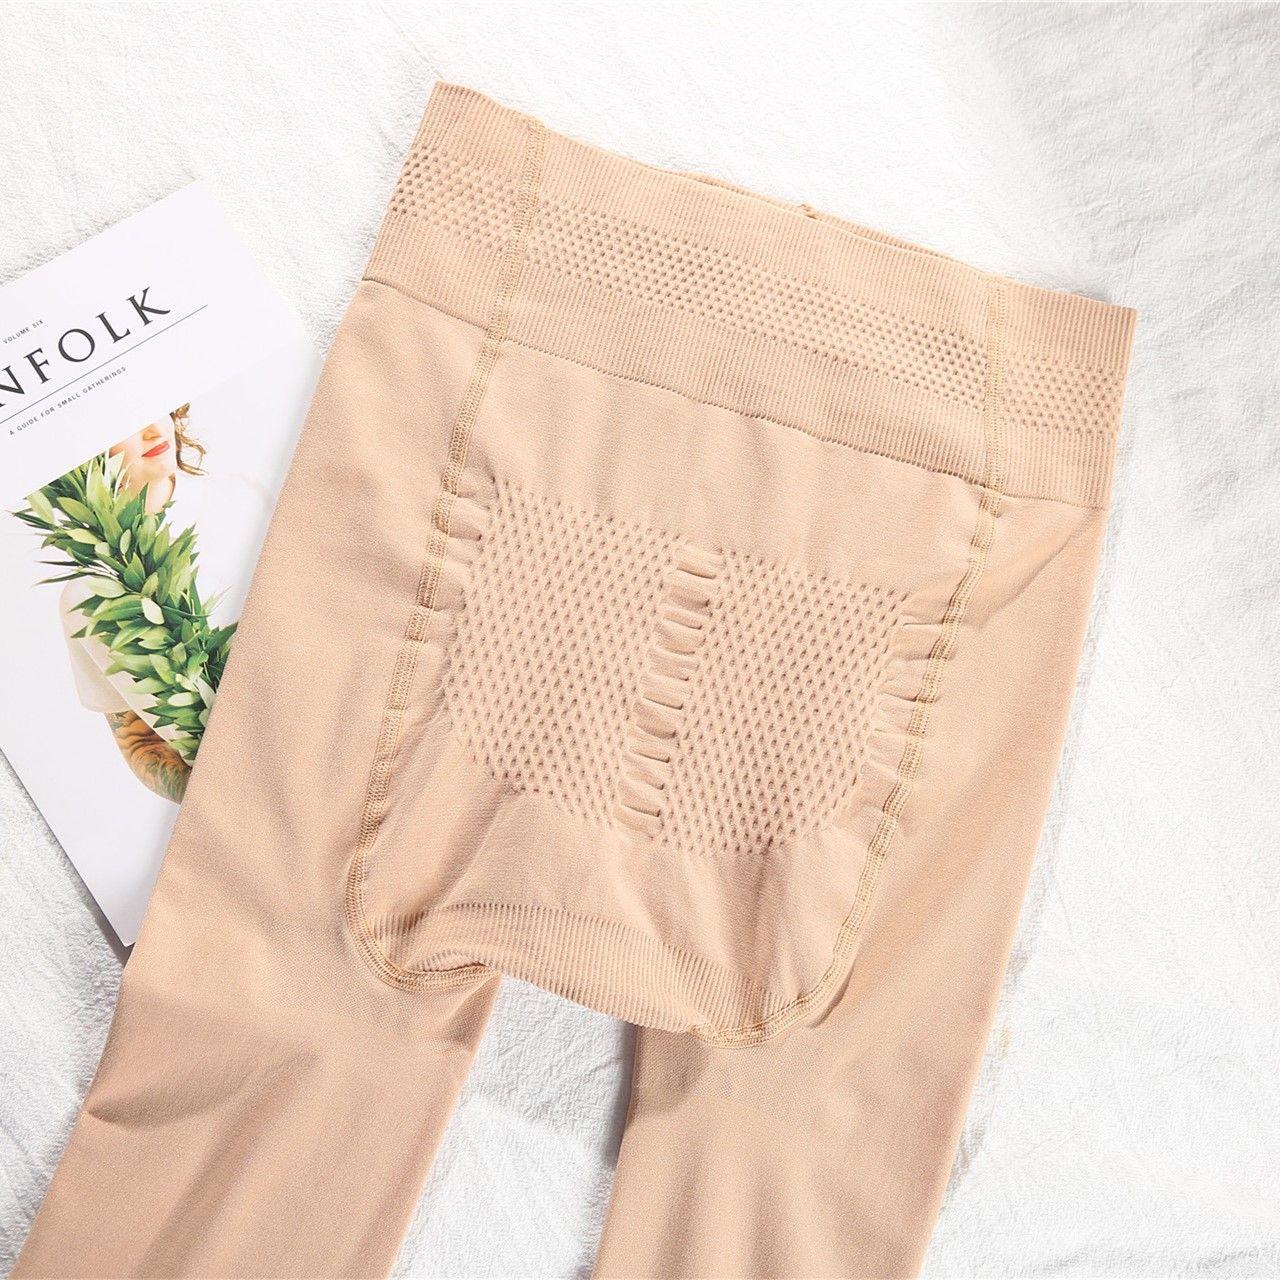 女士春秋款单层无绒按摩打底袜裤光腿纯色锦纶加大裤袜